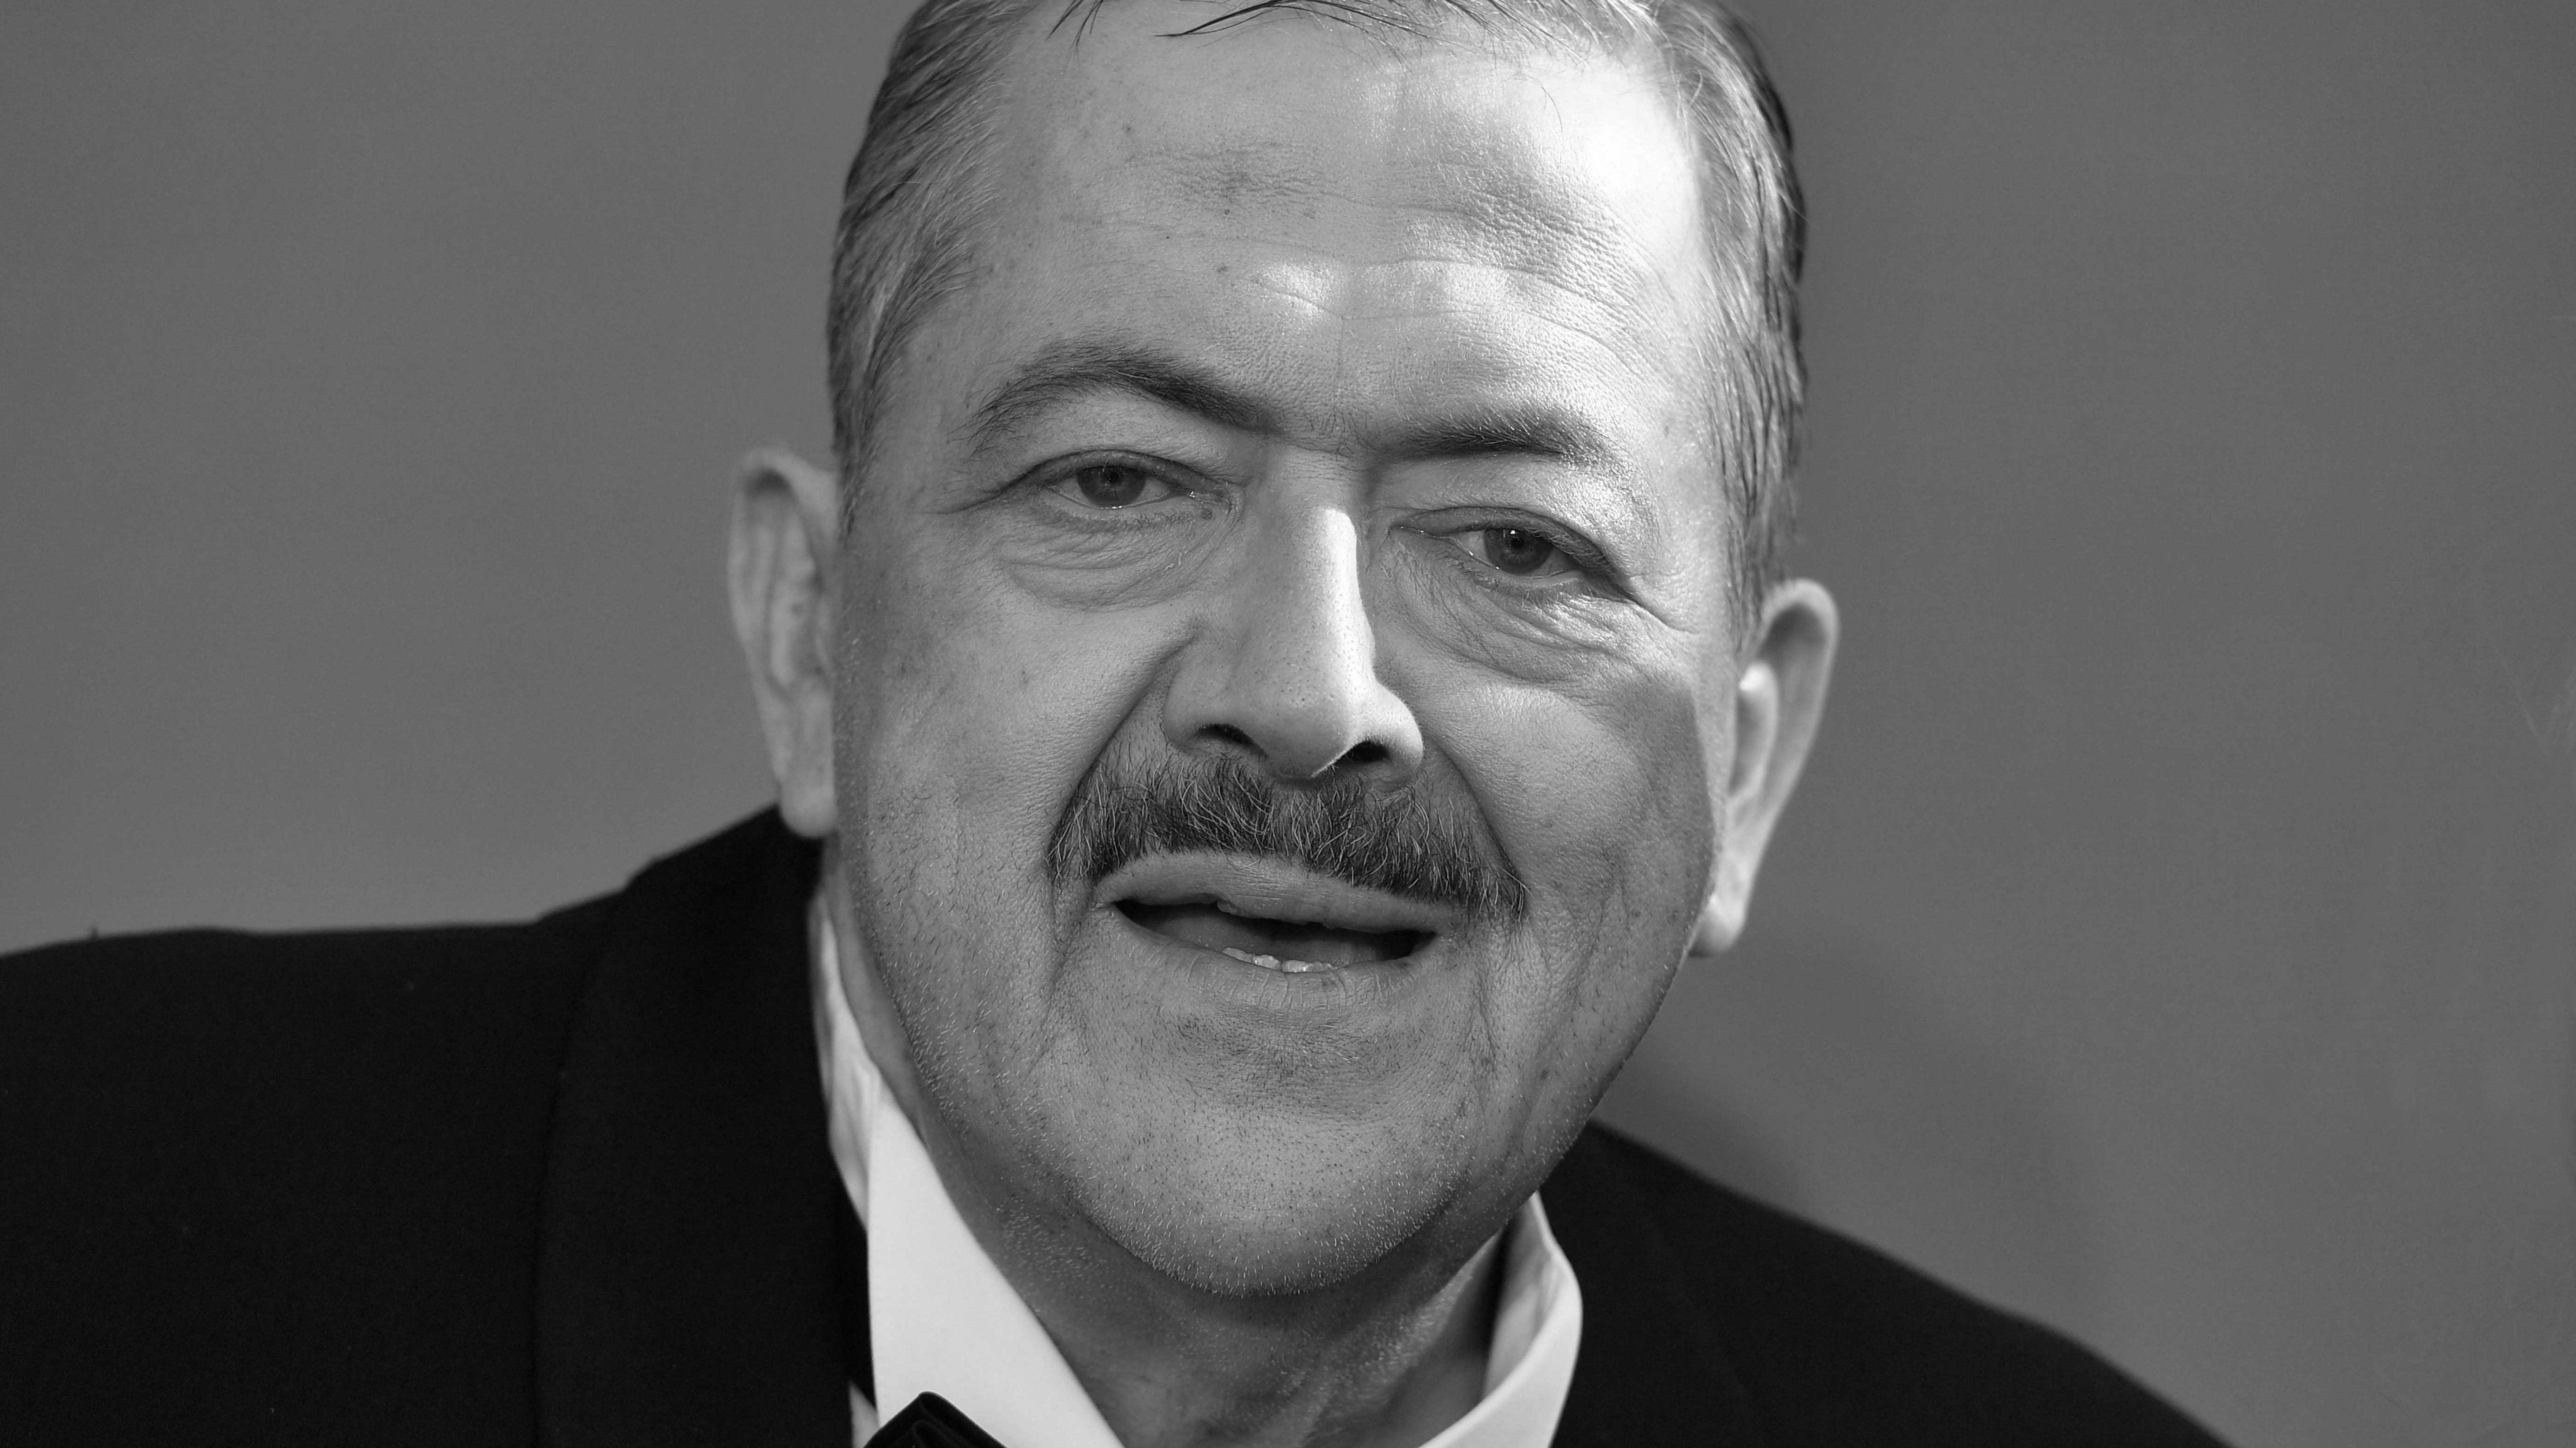 Joseph Hannesschläger ist tot